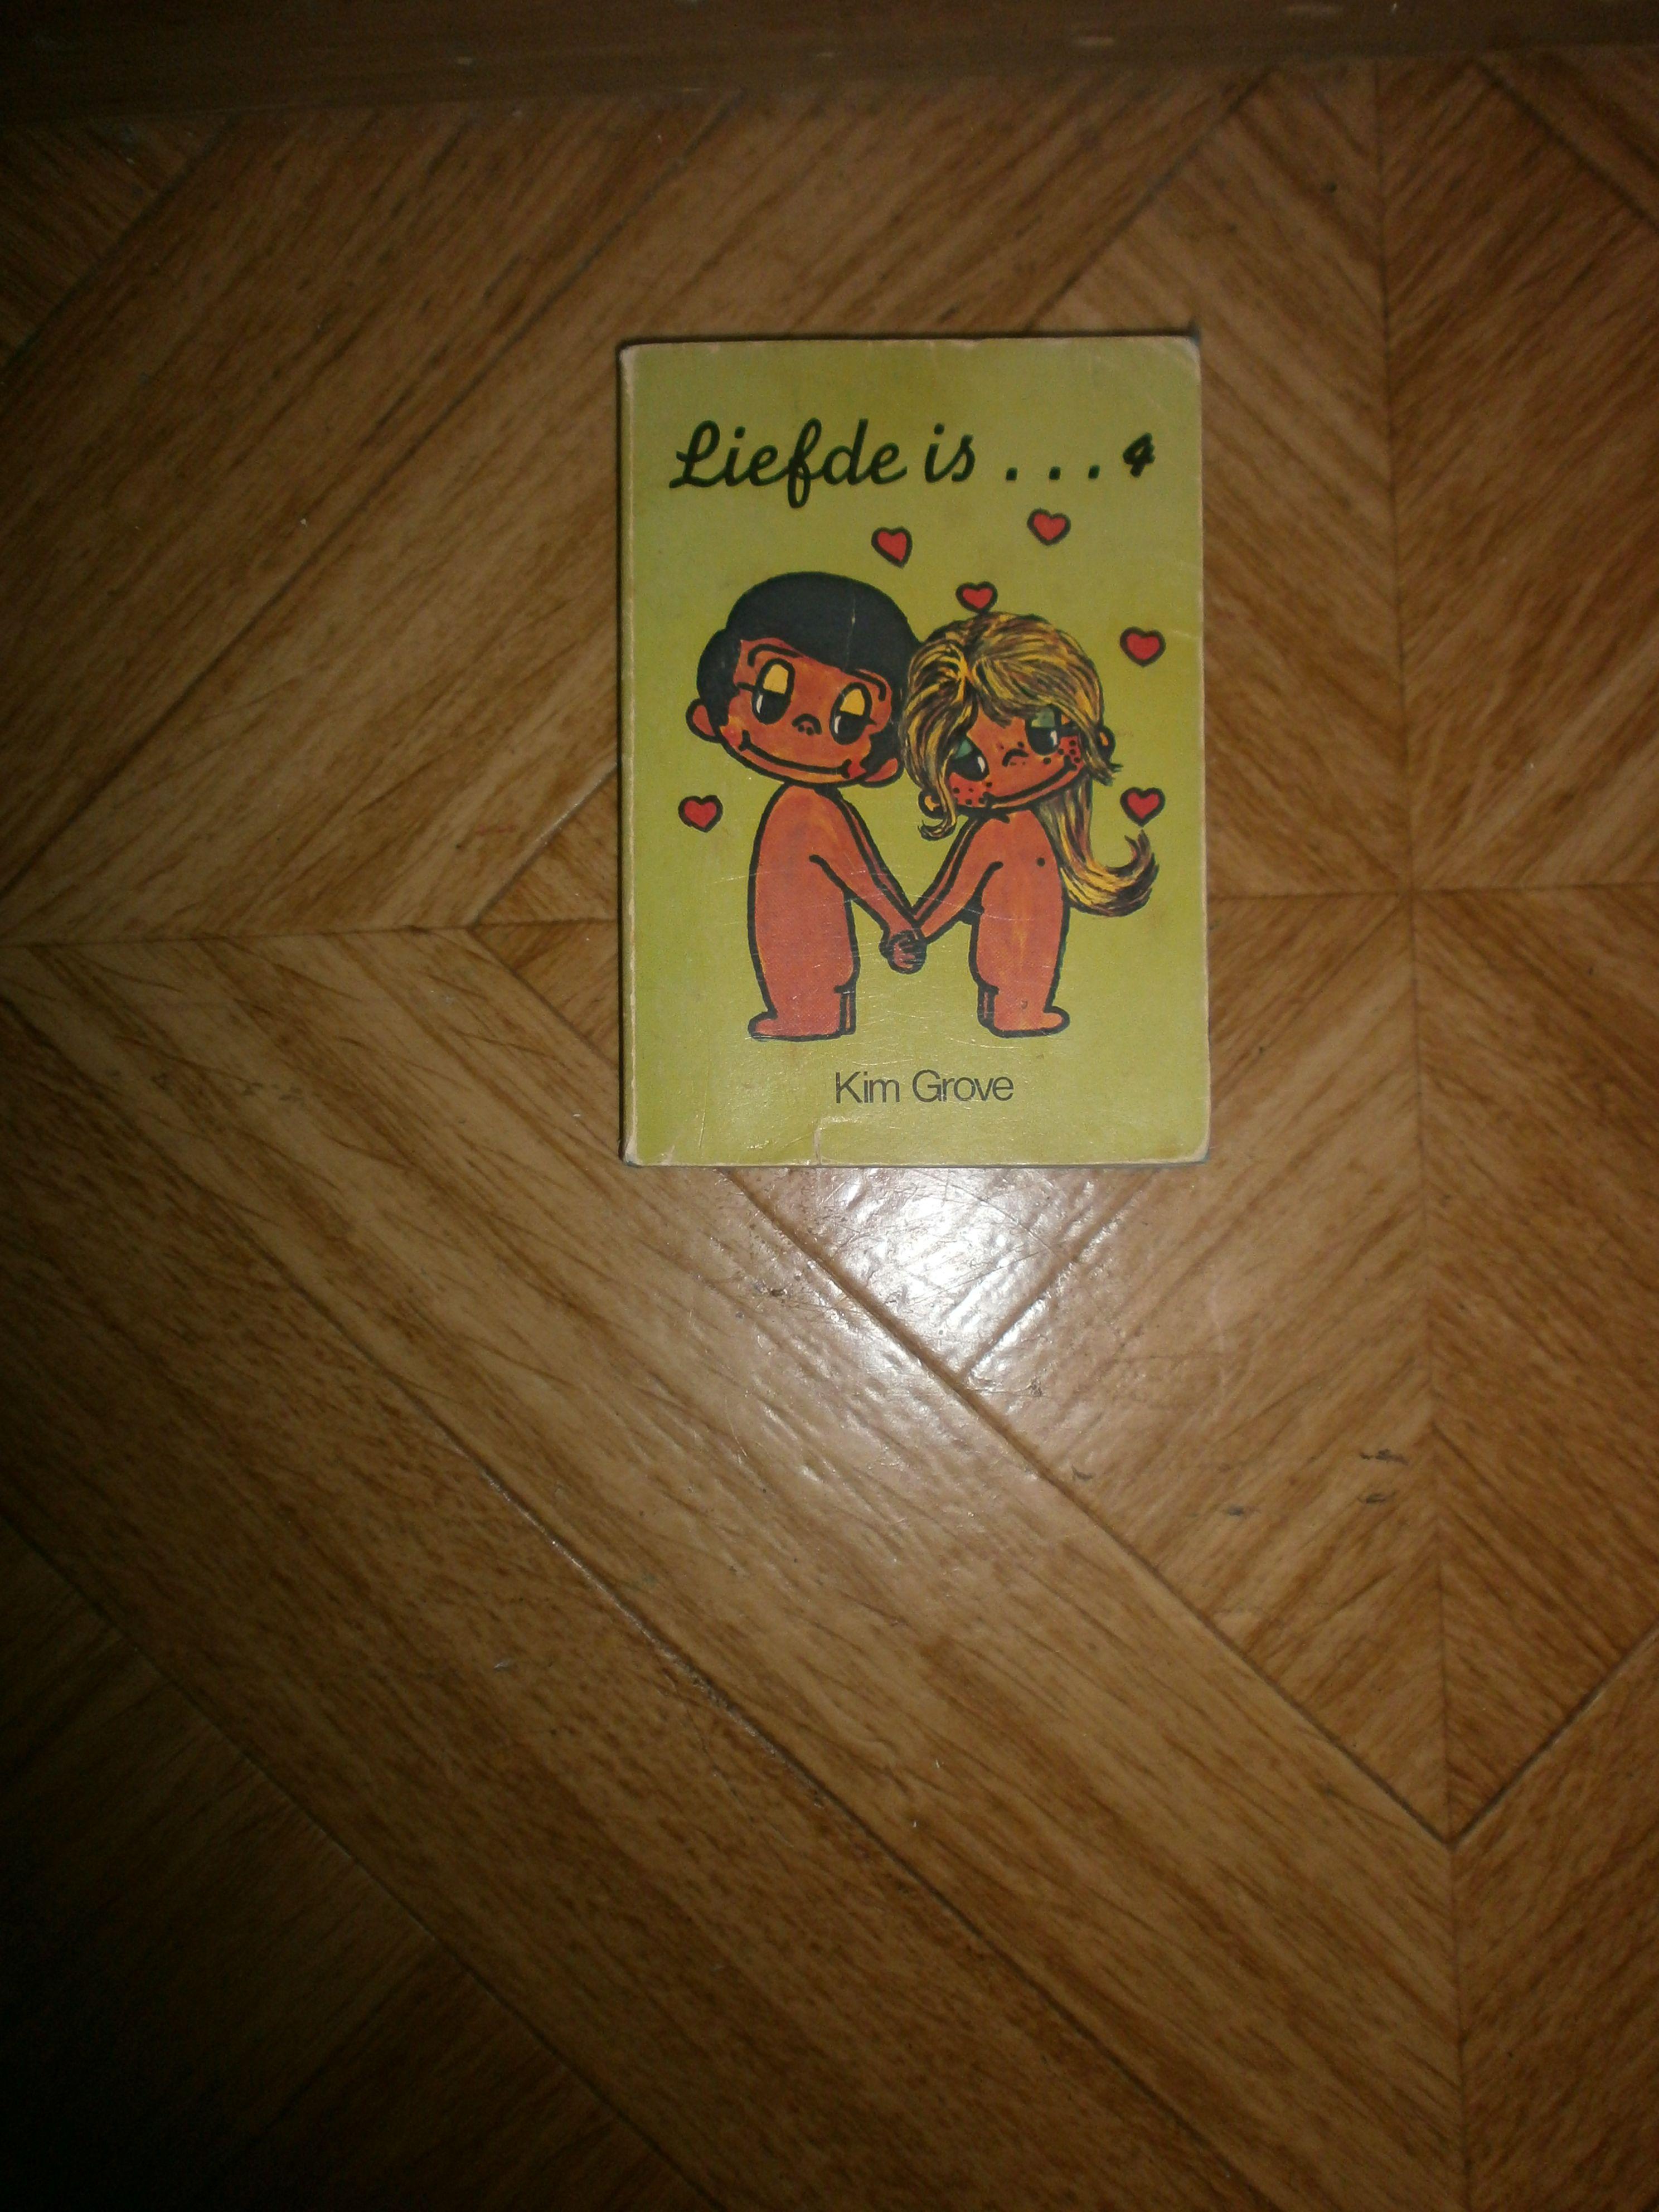 Dit is het eerste boek dat ik naar mijn weten zelf las. Je hoeft er niet veel voor te lezen eigenlijk, maar het lag altijd bij het speelgoed ofzo. De bladzijdes waren van gekleurd papier. Dat vond ik super cool.